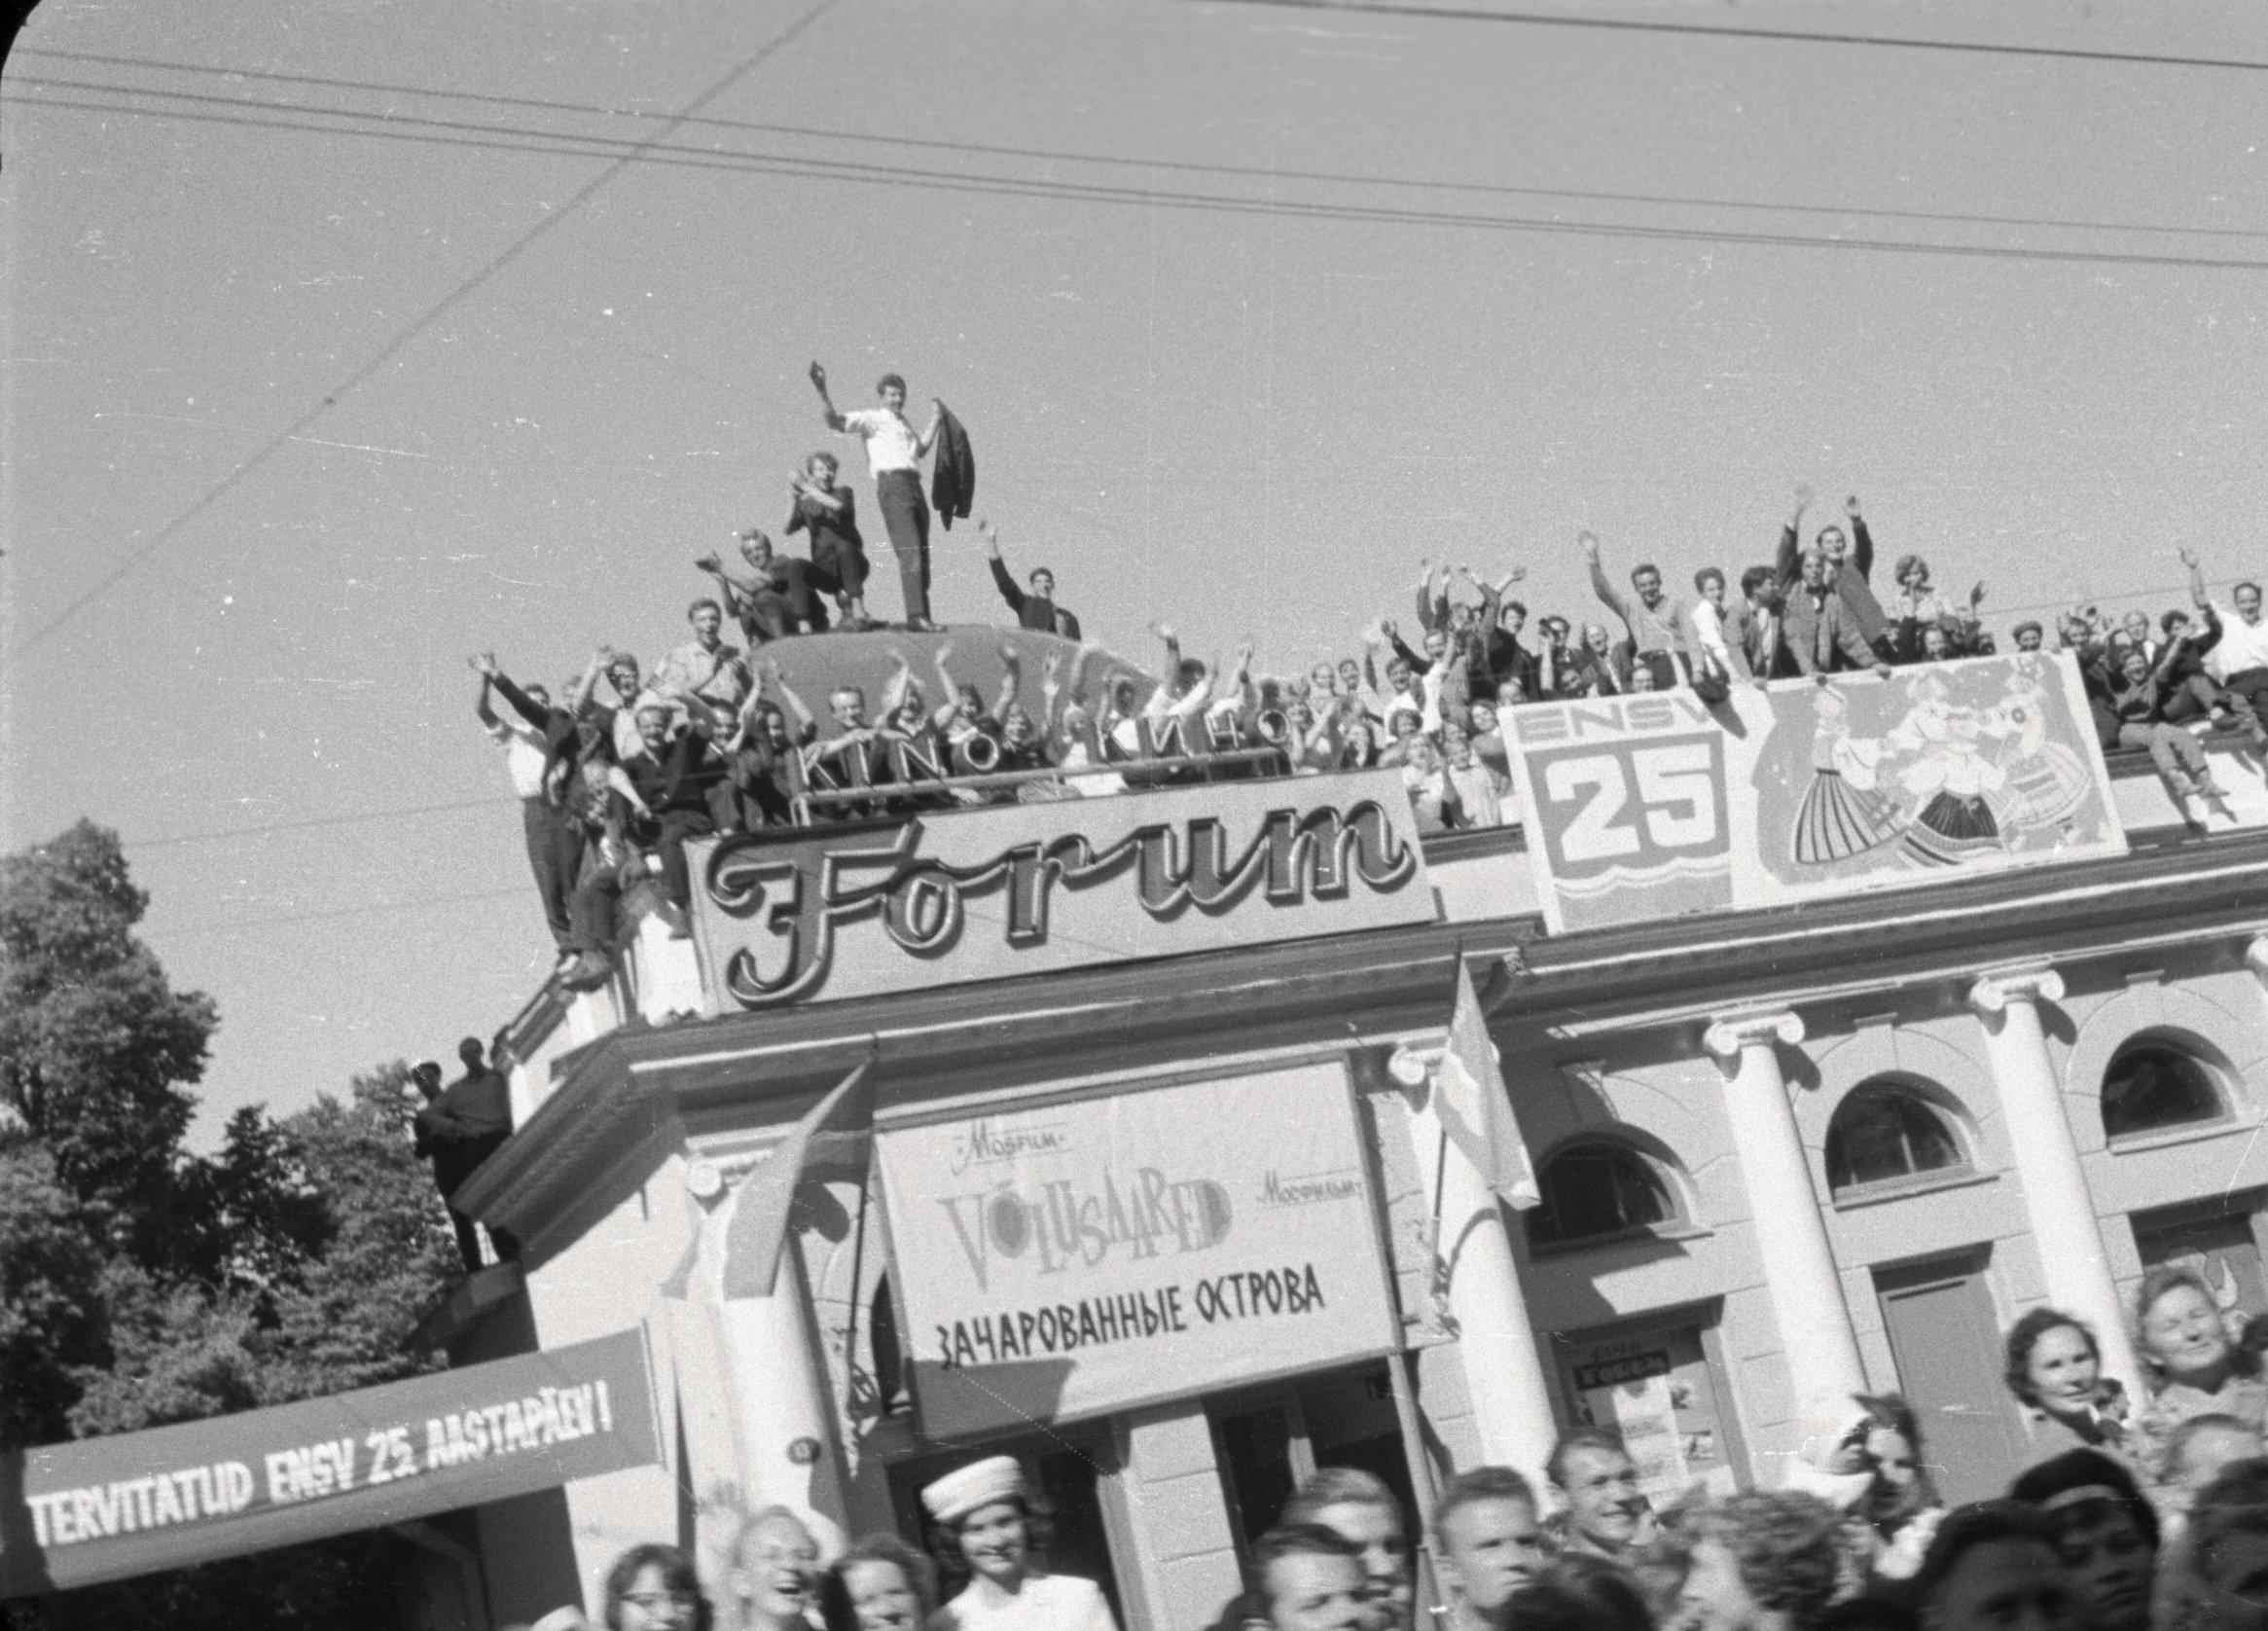 """Kaader filmis """"Laul, ava tiivad!"""". Rongkäigu jälgijad kino """"Forum"""" katusel. EFA. 664.0-198652"""